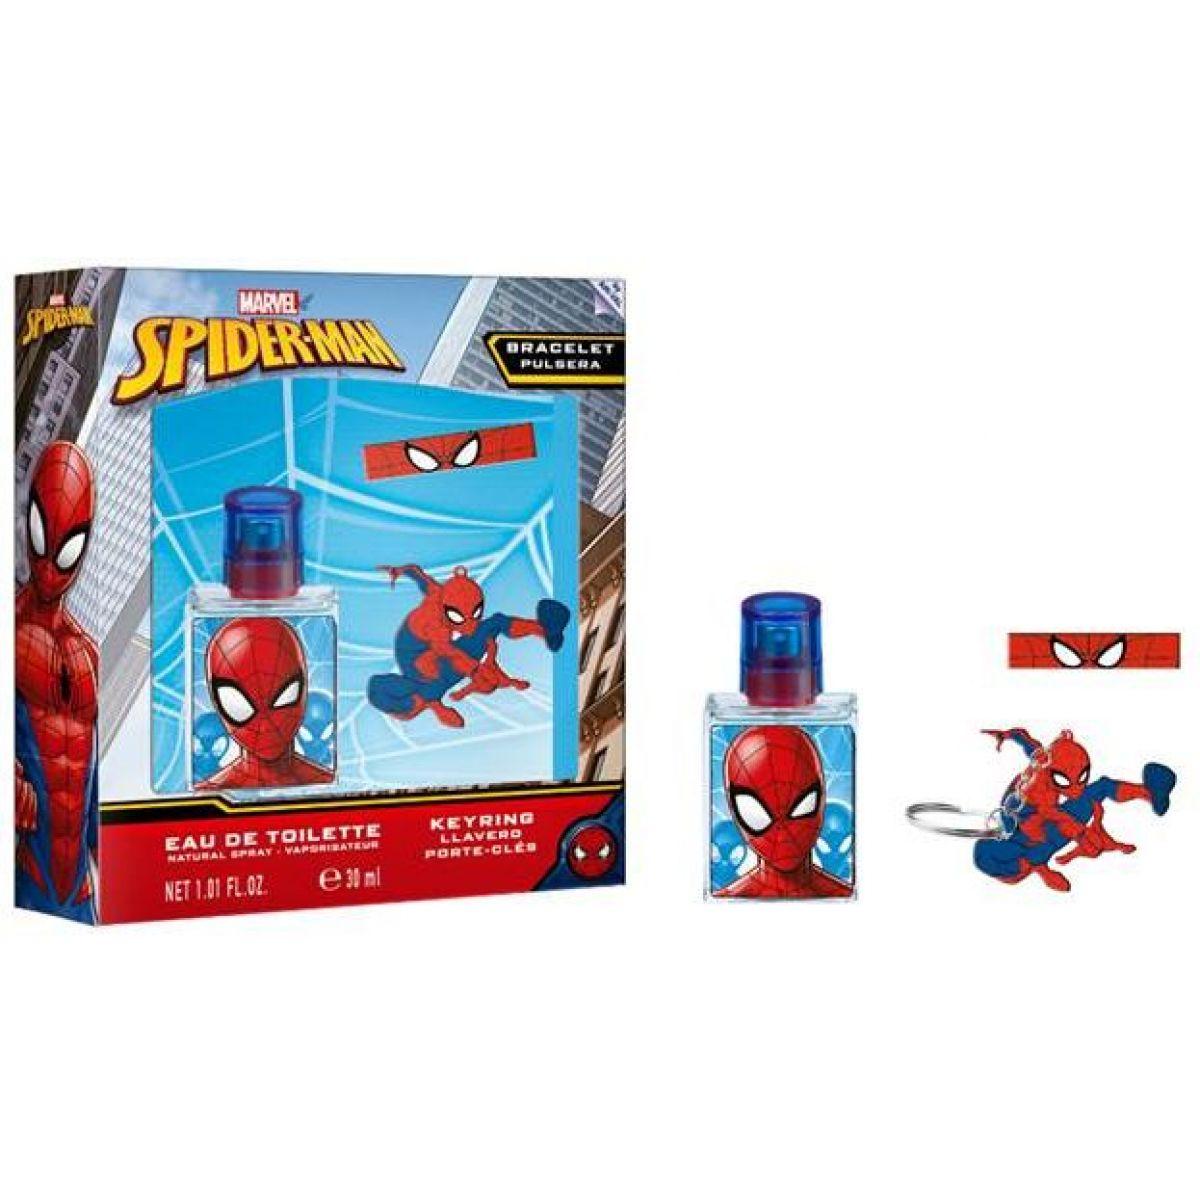 Dárková sada Spiderman s toaletní vodou a doplňky